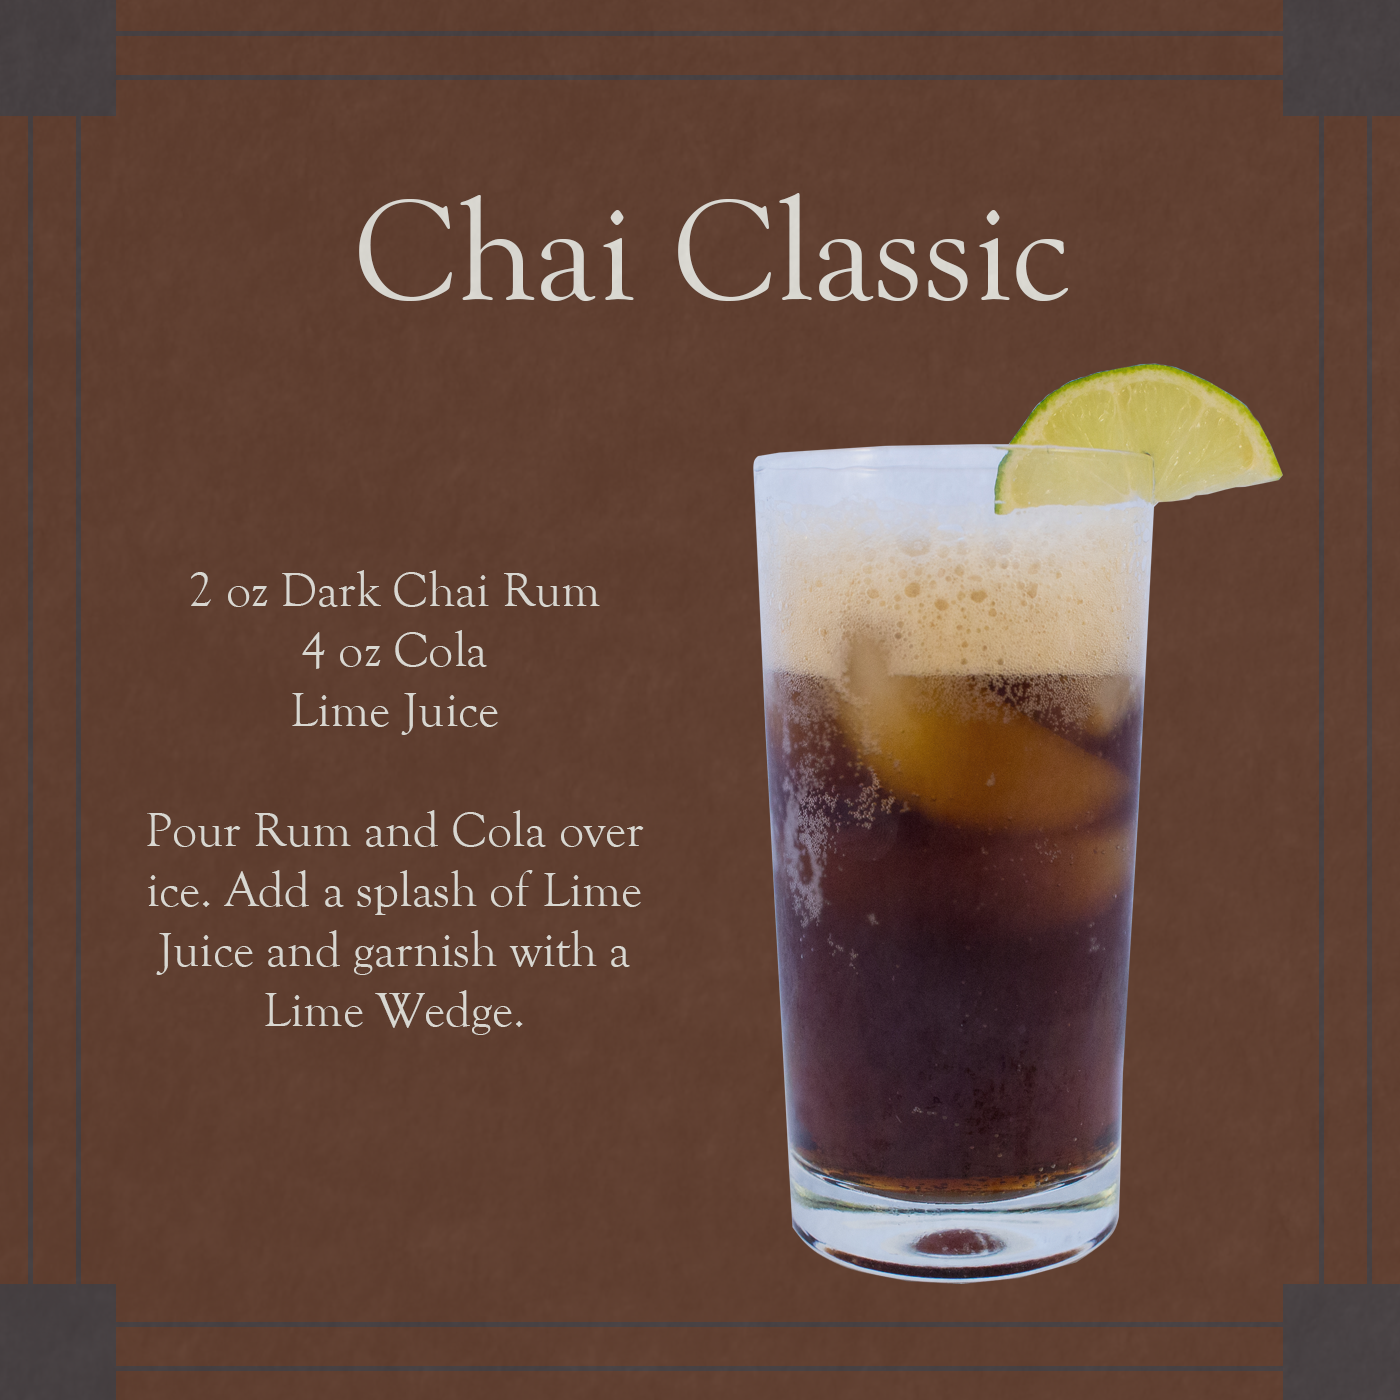 Chai Classic